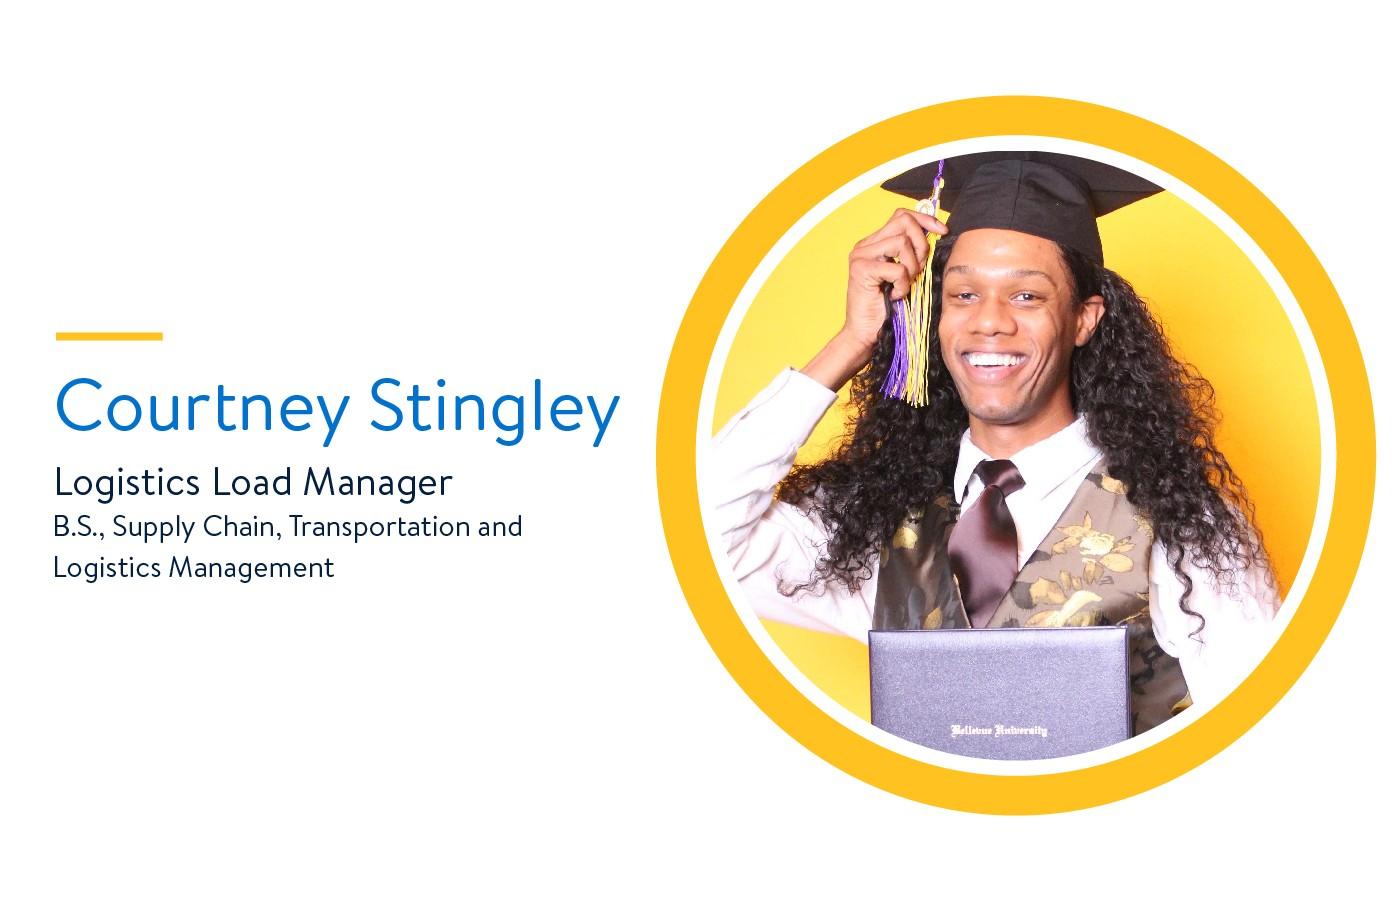 Courtney Stingley LBU Headshot